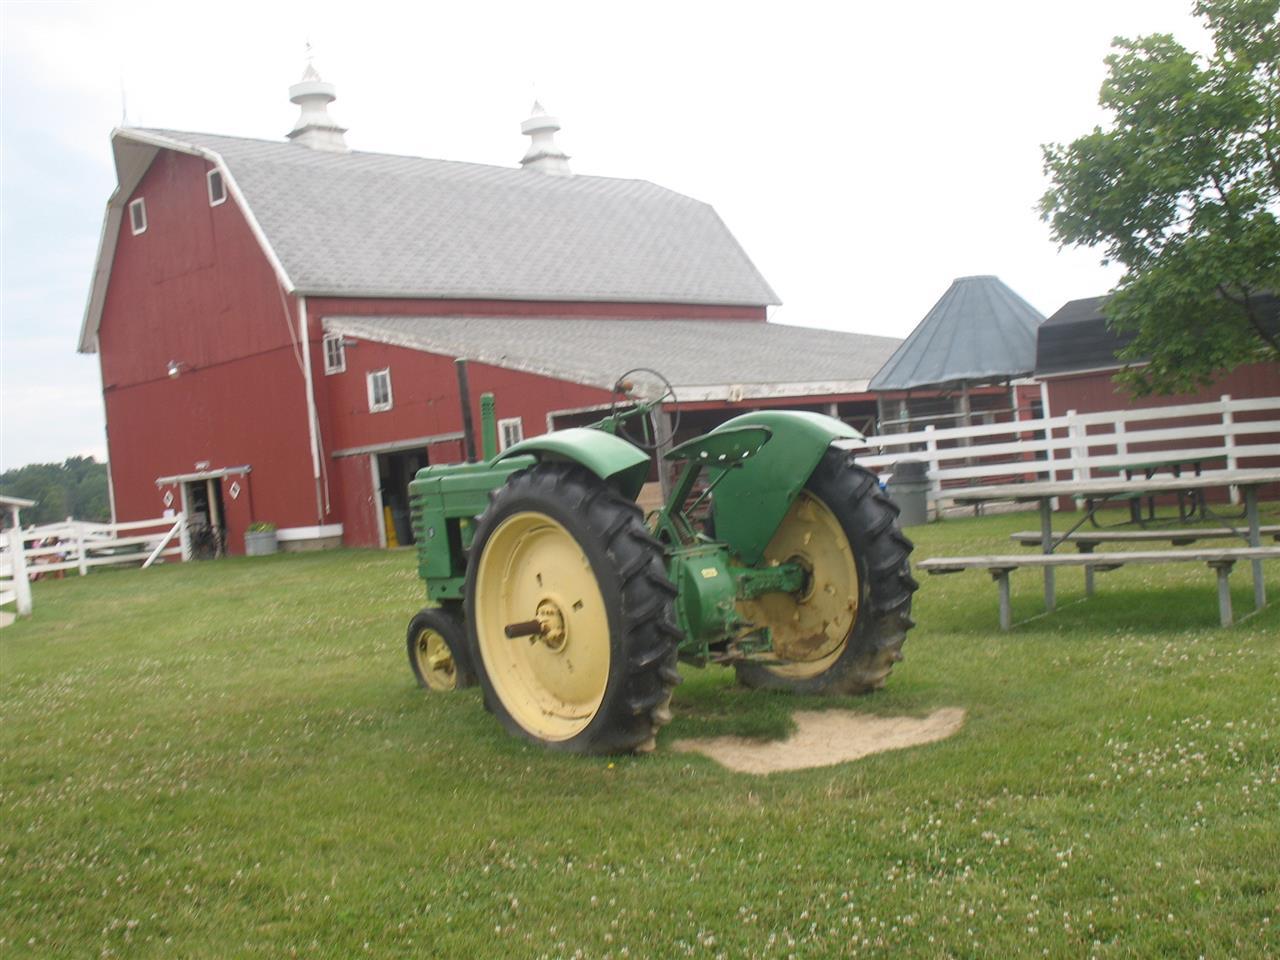 The Petting Farm at Domino's Farms, Ann Arbor, MI